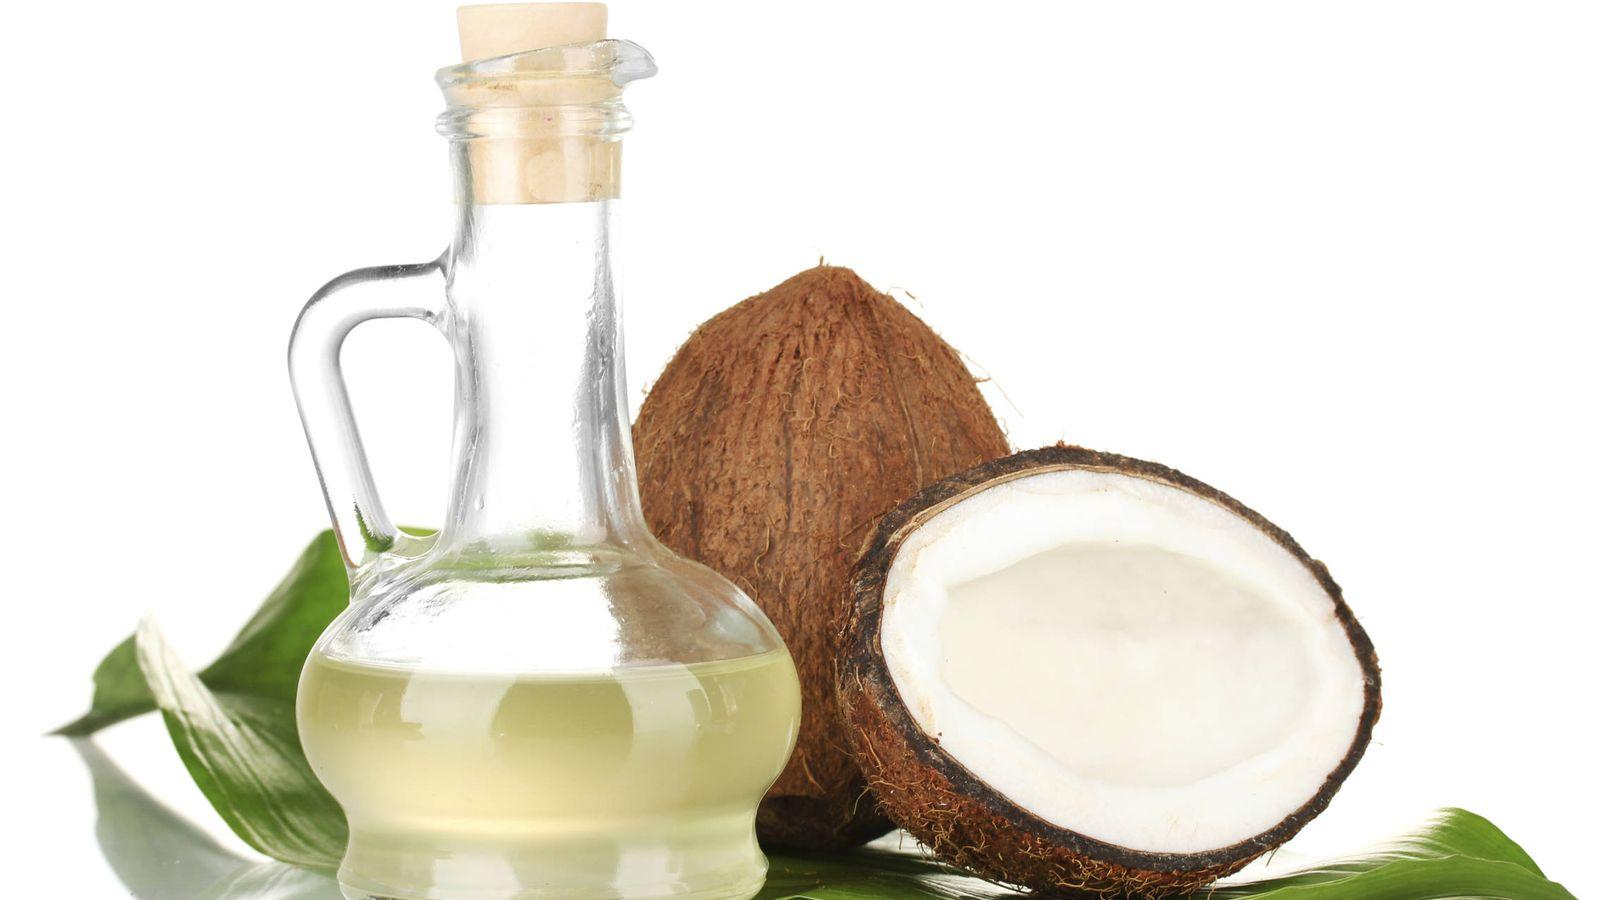 Foto: El coco y su aceite, productos caros con un prestigio no muy merecido. (iStock)